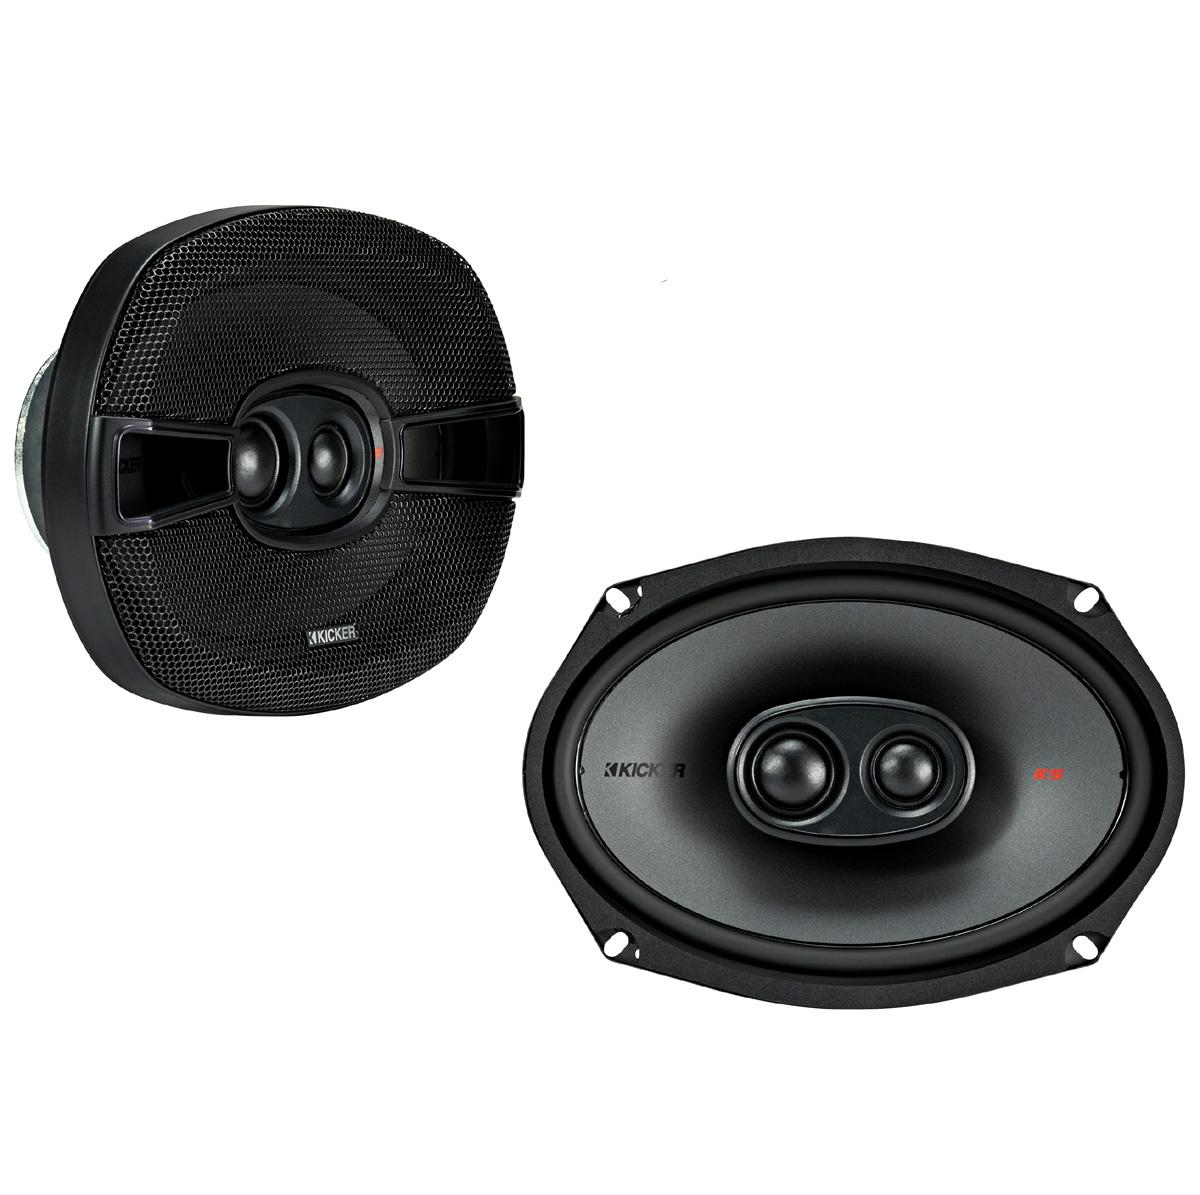 """New Kicker 41ksc694 6x9 Ks Series 600 Watt 2 Way Car: Kicker KSC6930 (44KSC69304) 600W Peak (300W RMS) 6x9"""" KS"""